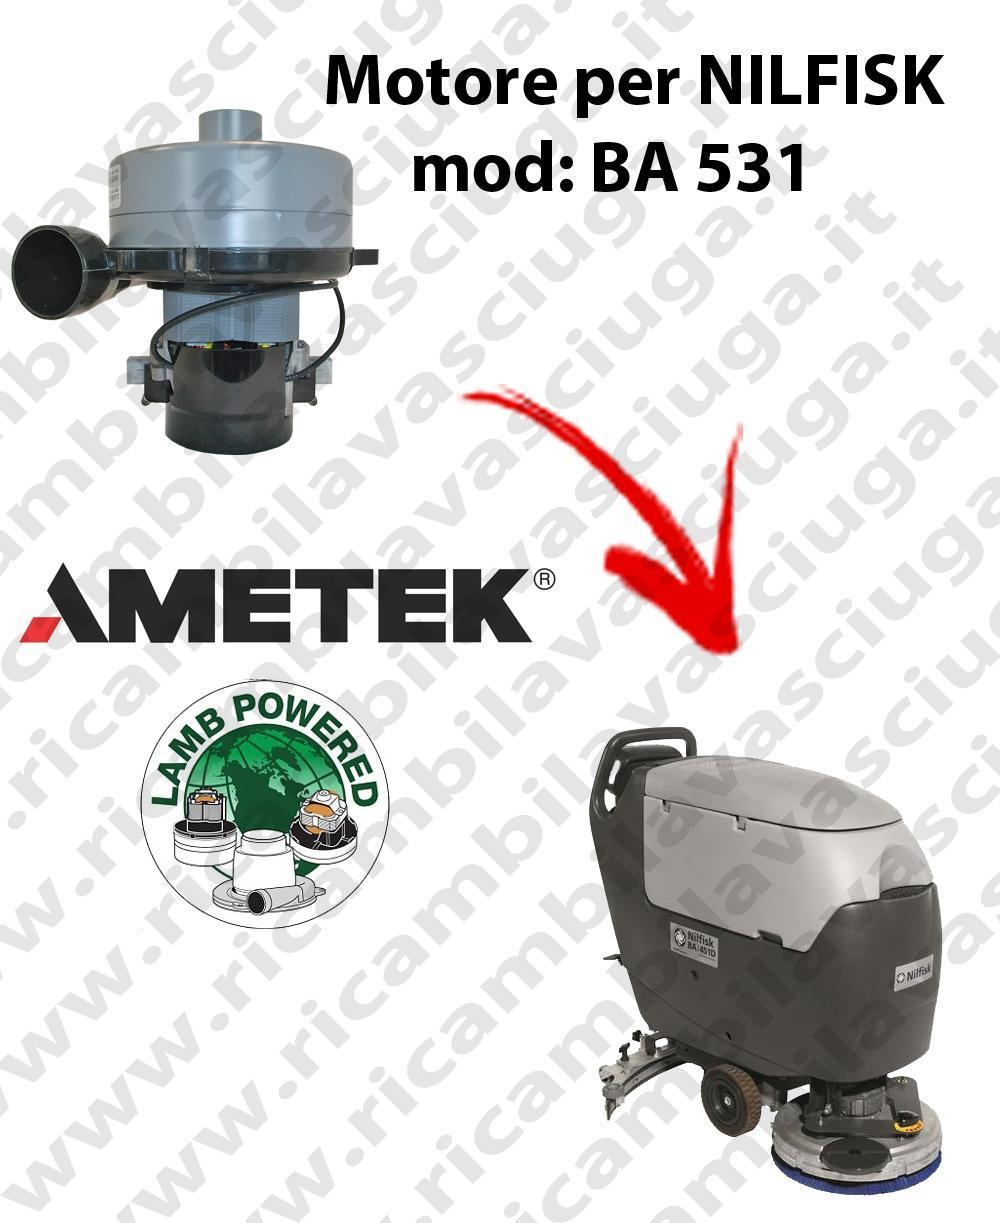 BA 531 MOTEUR ASPIRATION LAMB AMETEK pour autolaveuses NILFISK